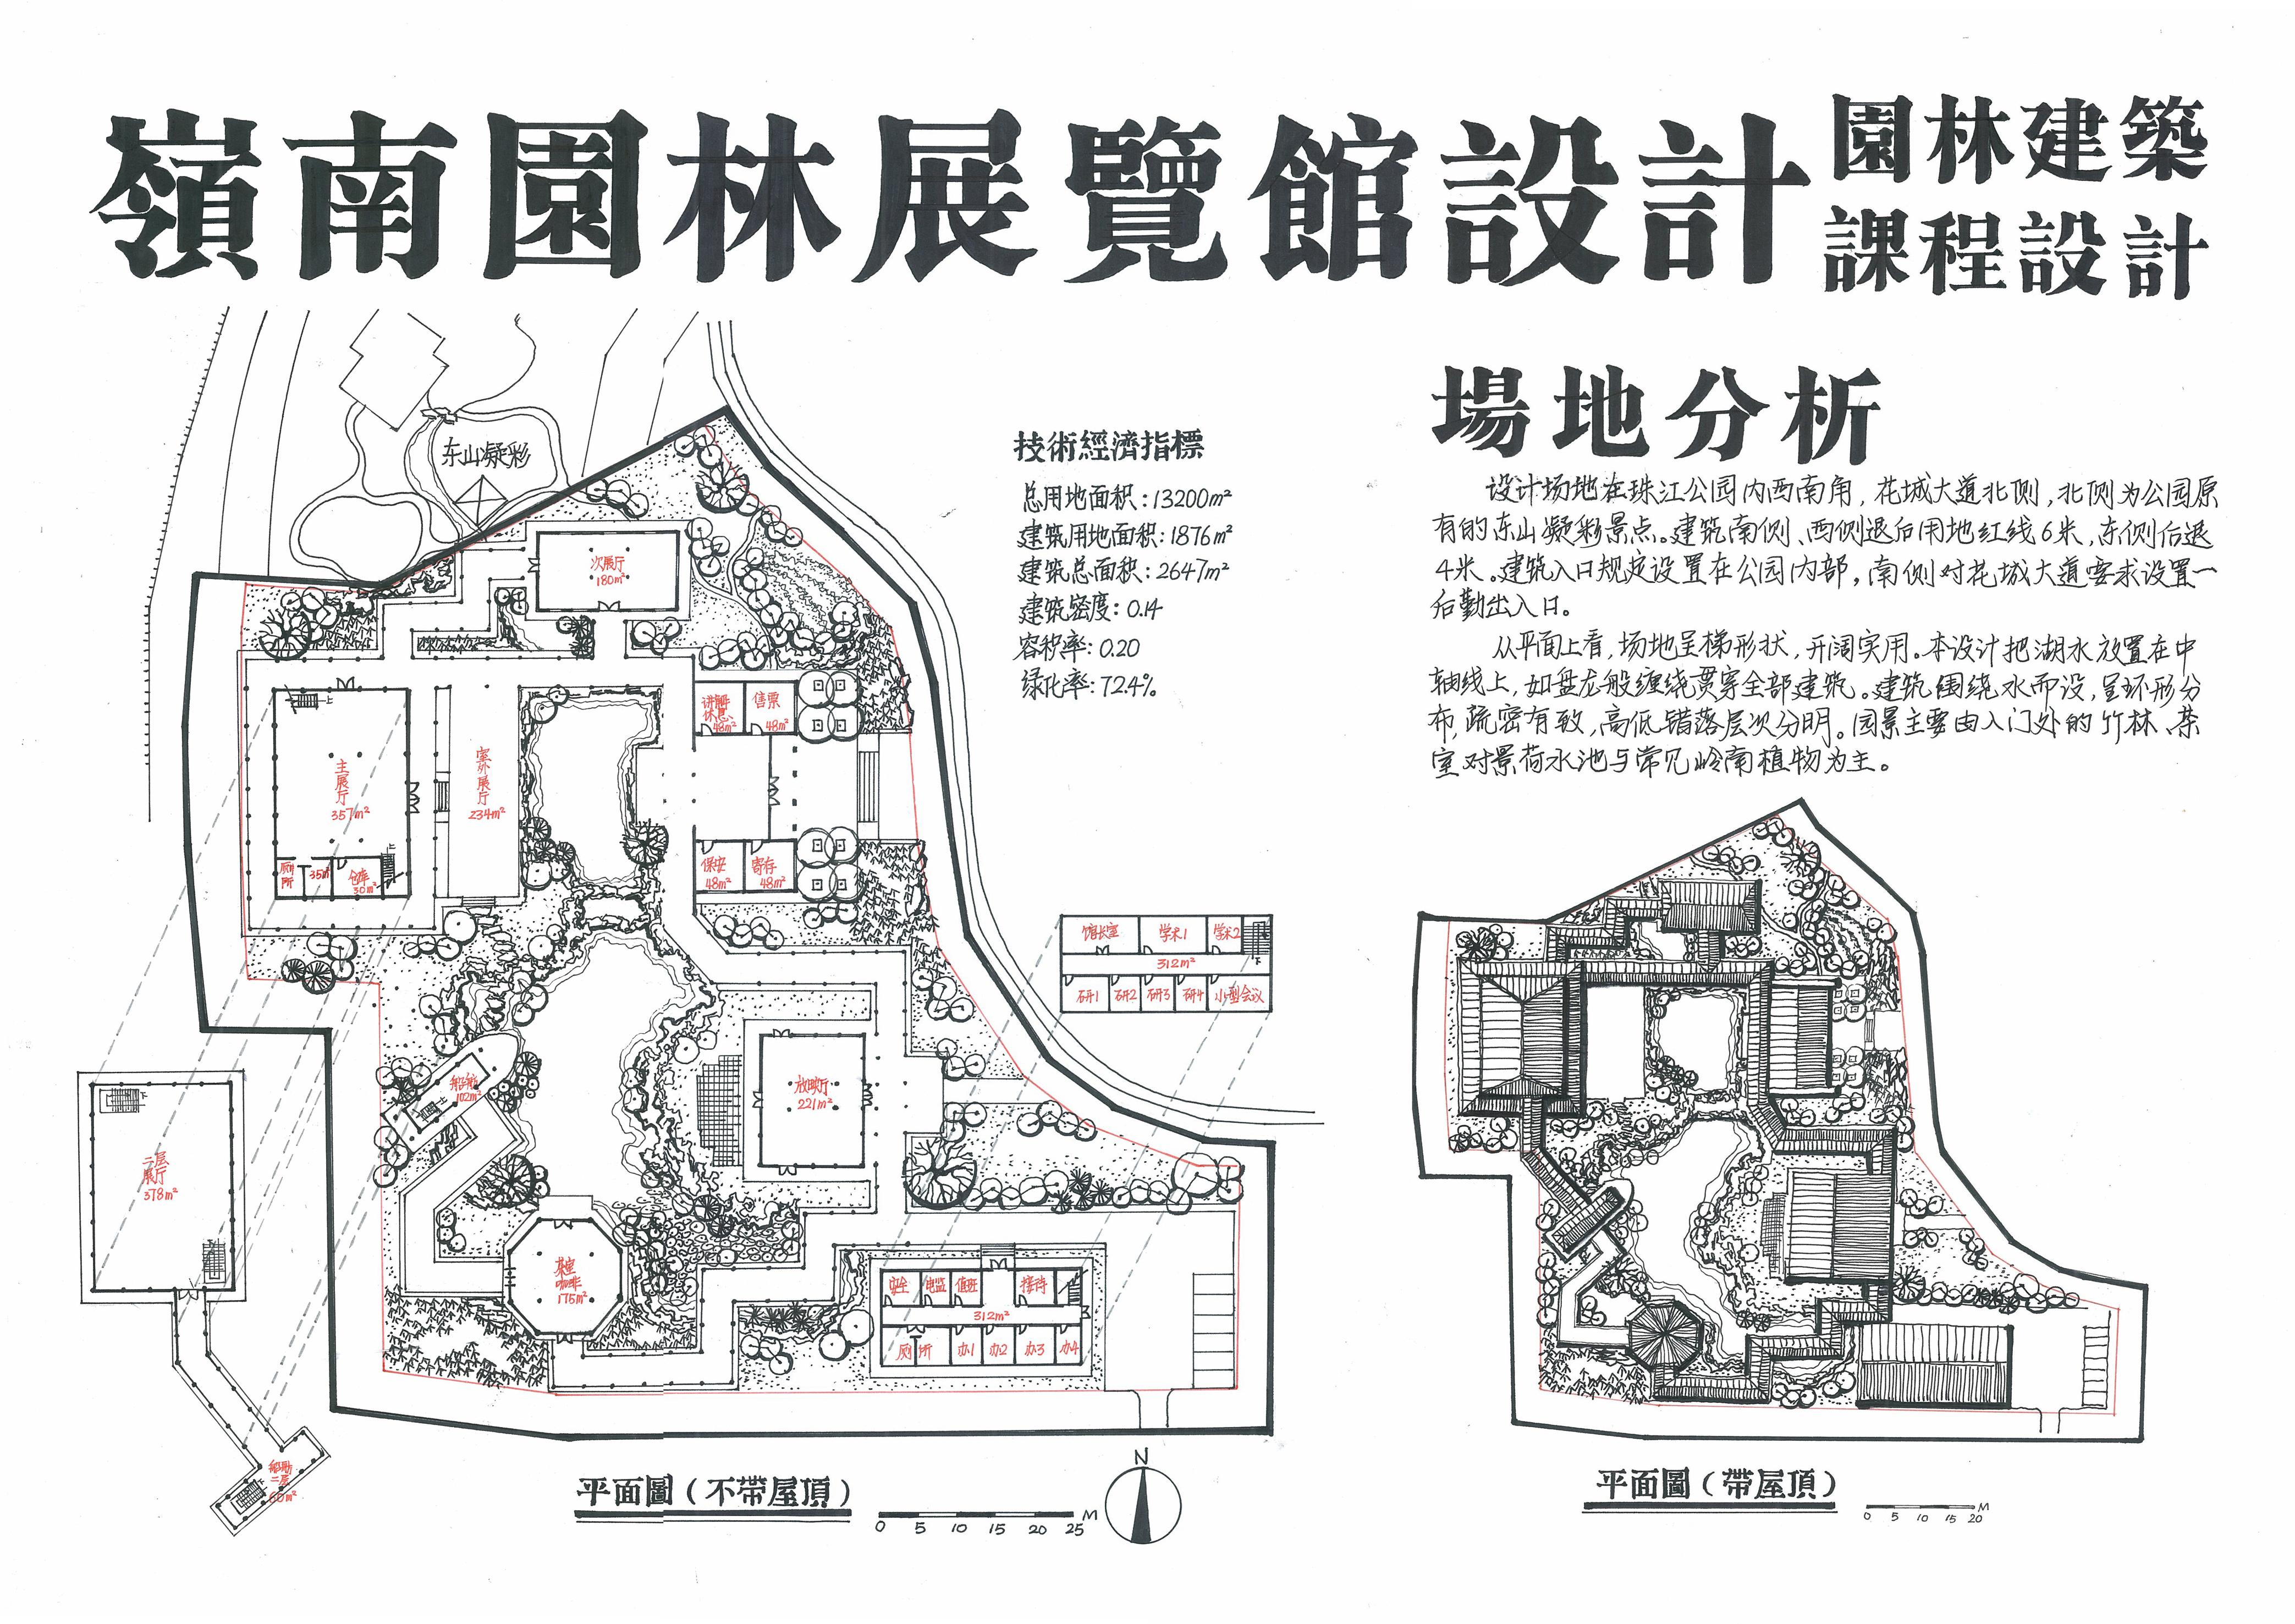 岭南展览馆设计手绘作业1